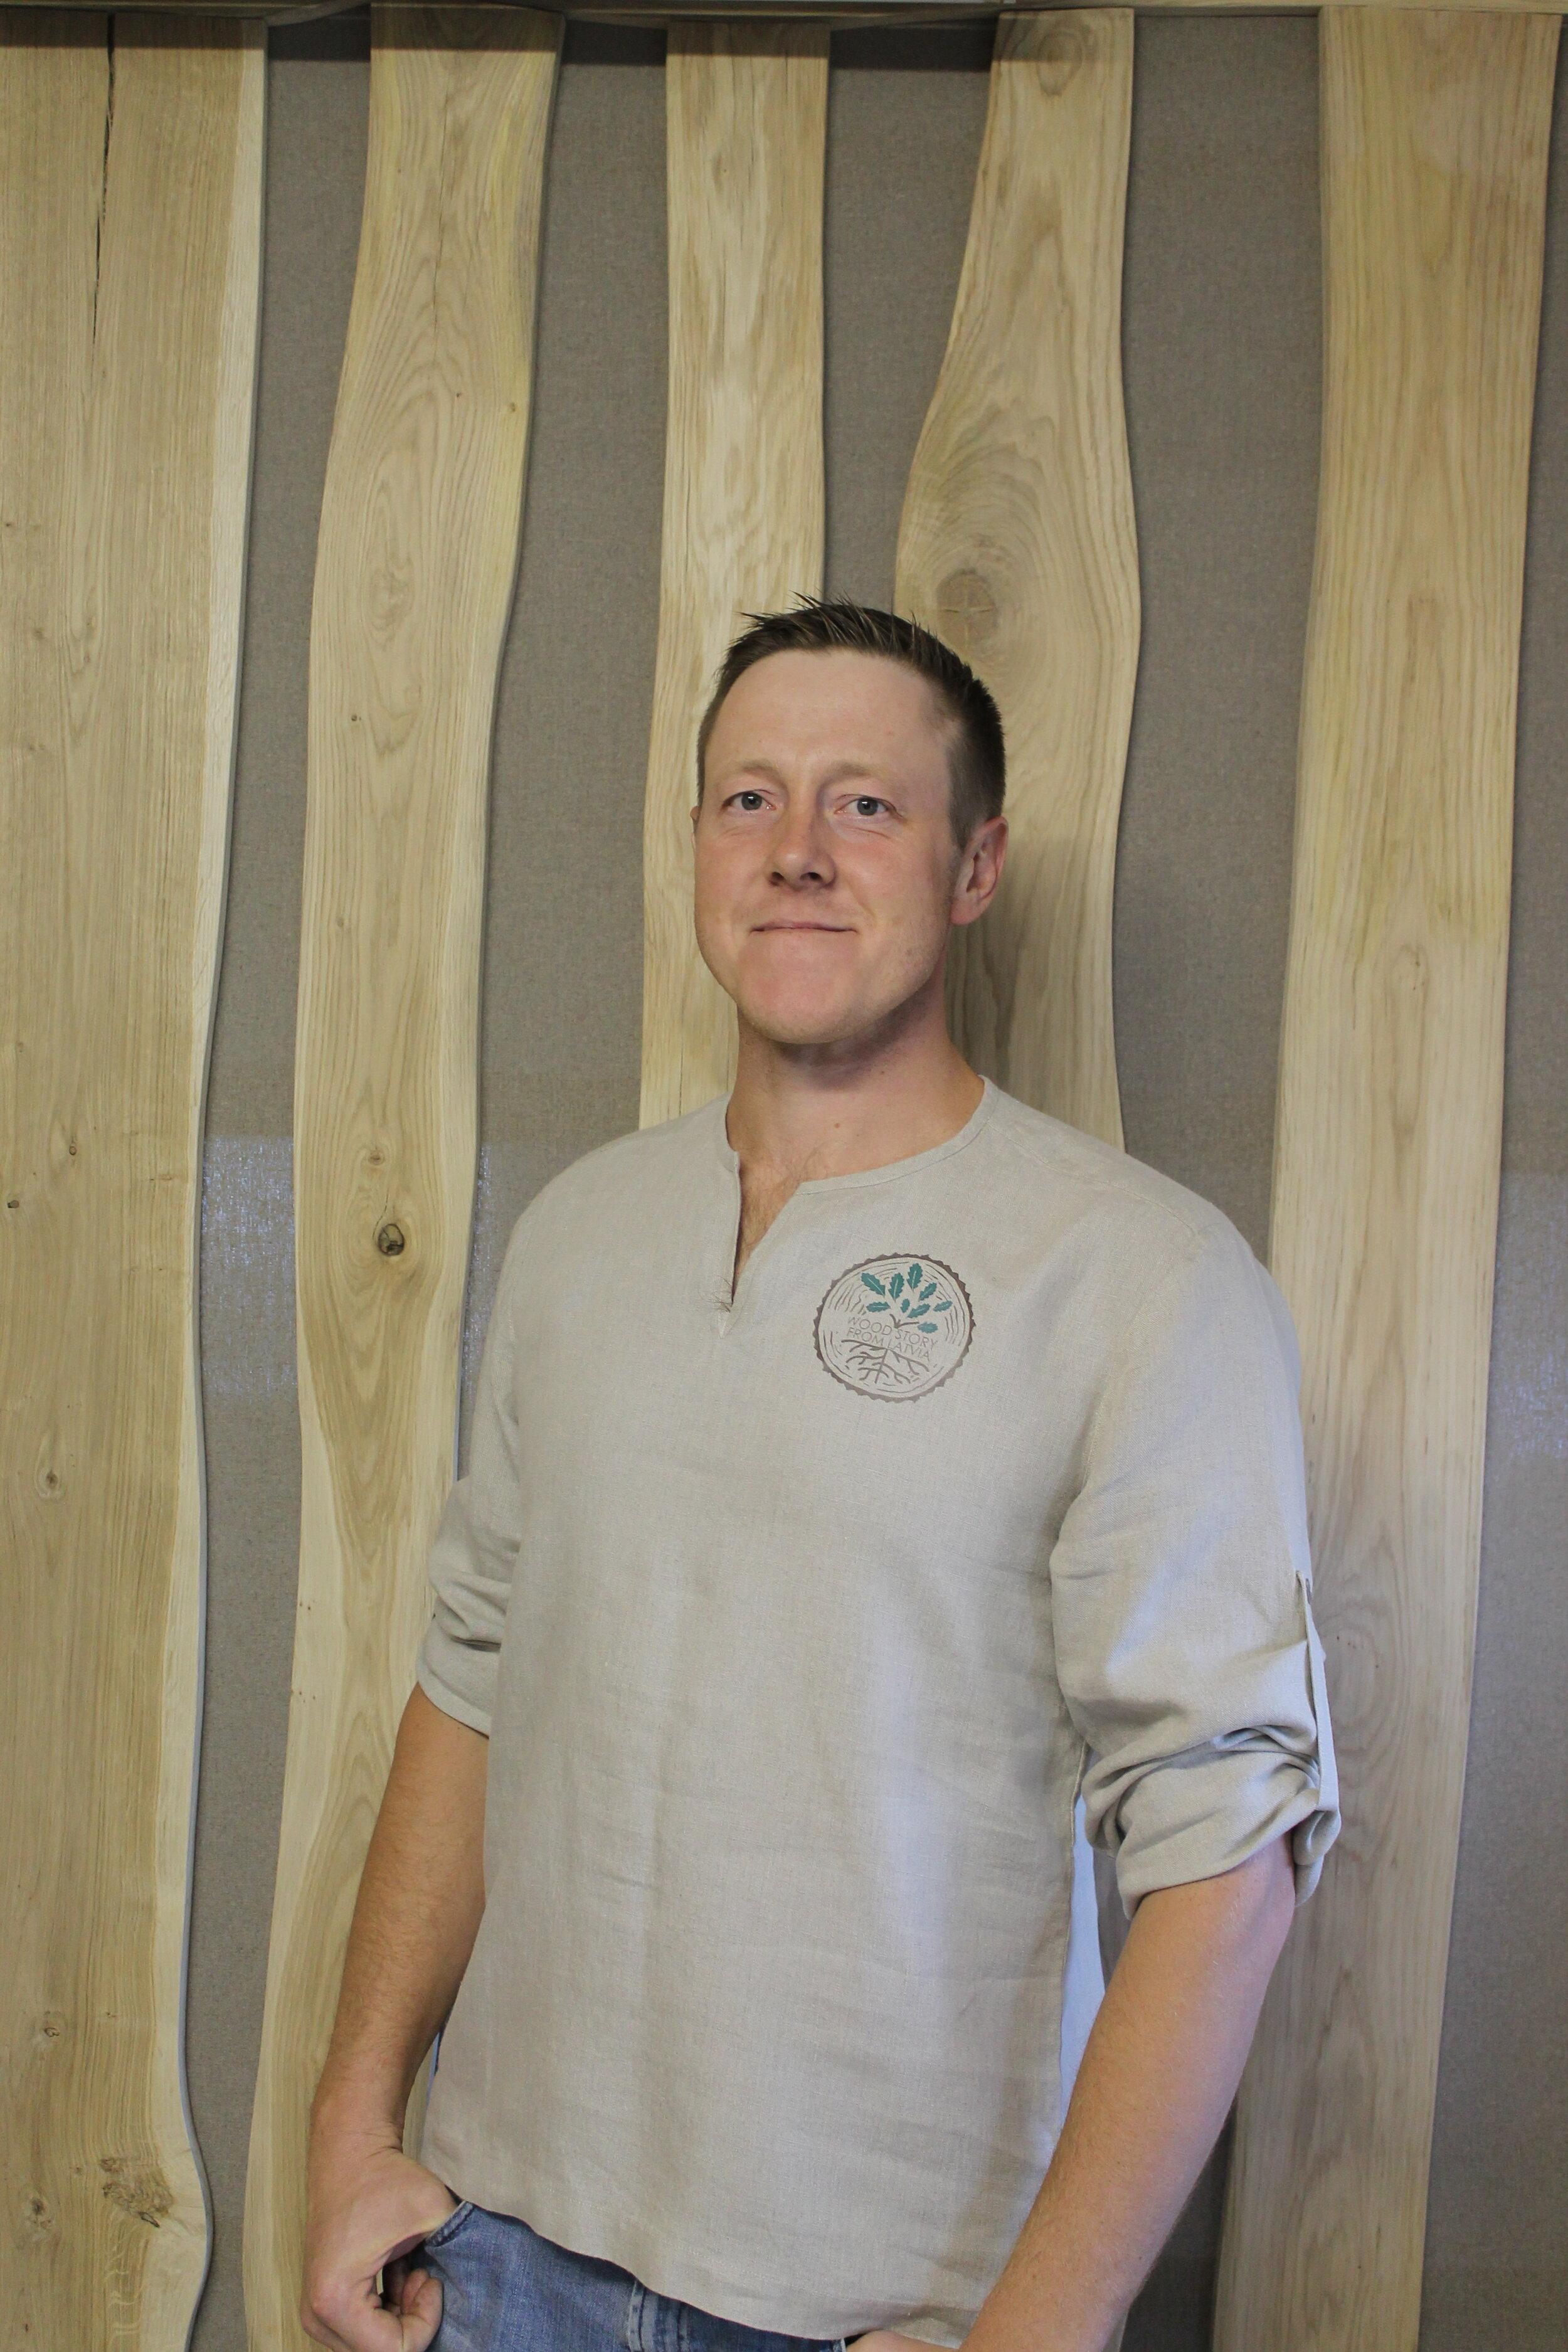 Valdes priekšsēdētājs / mežsaimniecības daļas vadītājs   Ainārs Tiļļa   mob.  +37127866653   e-pasts:  ainars@kdf.lv